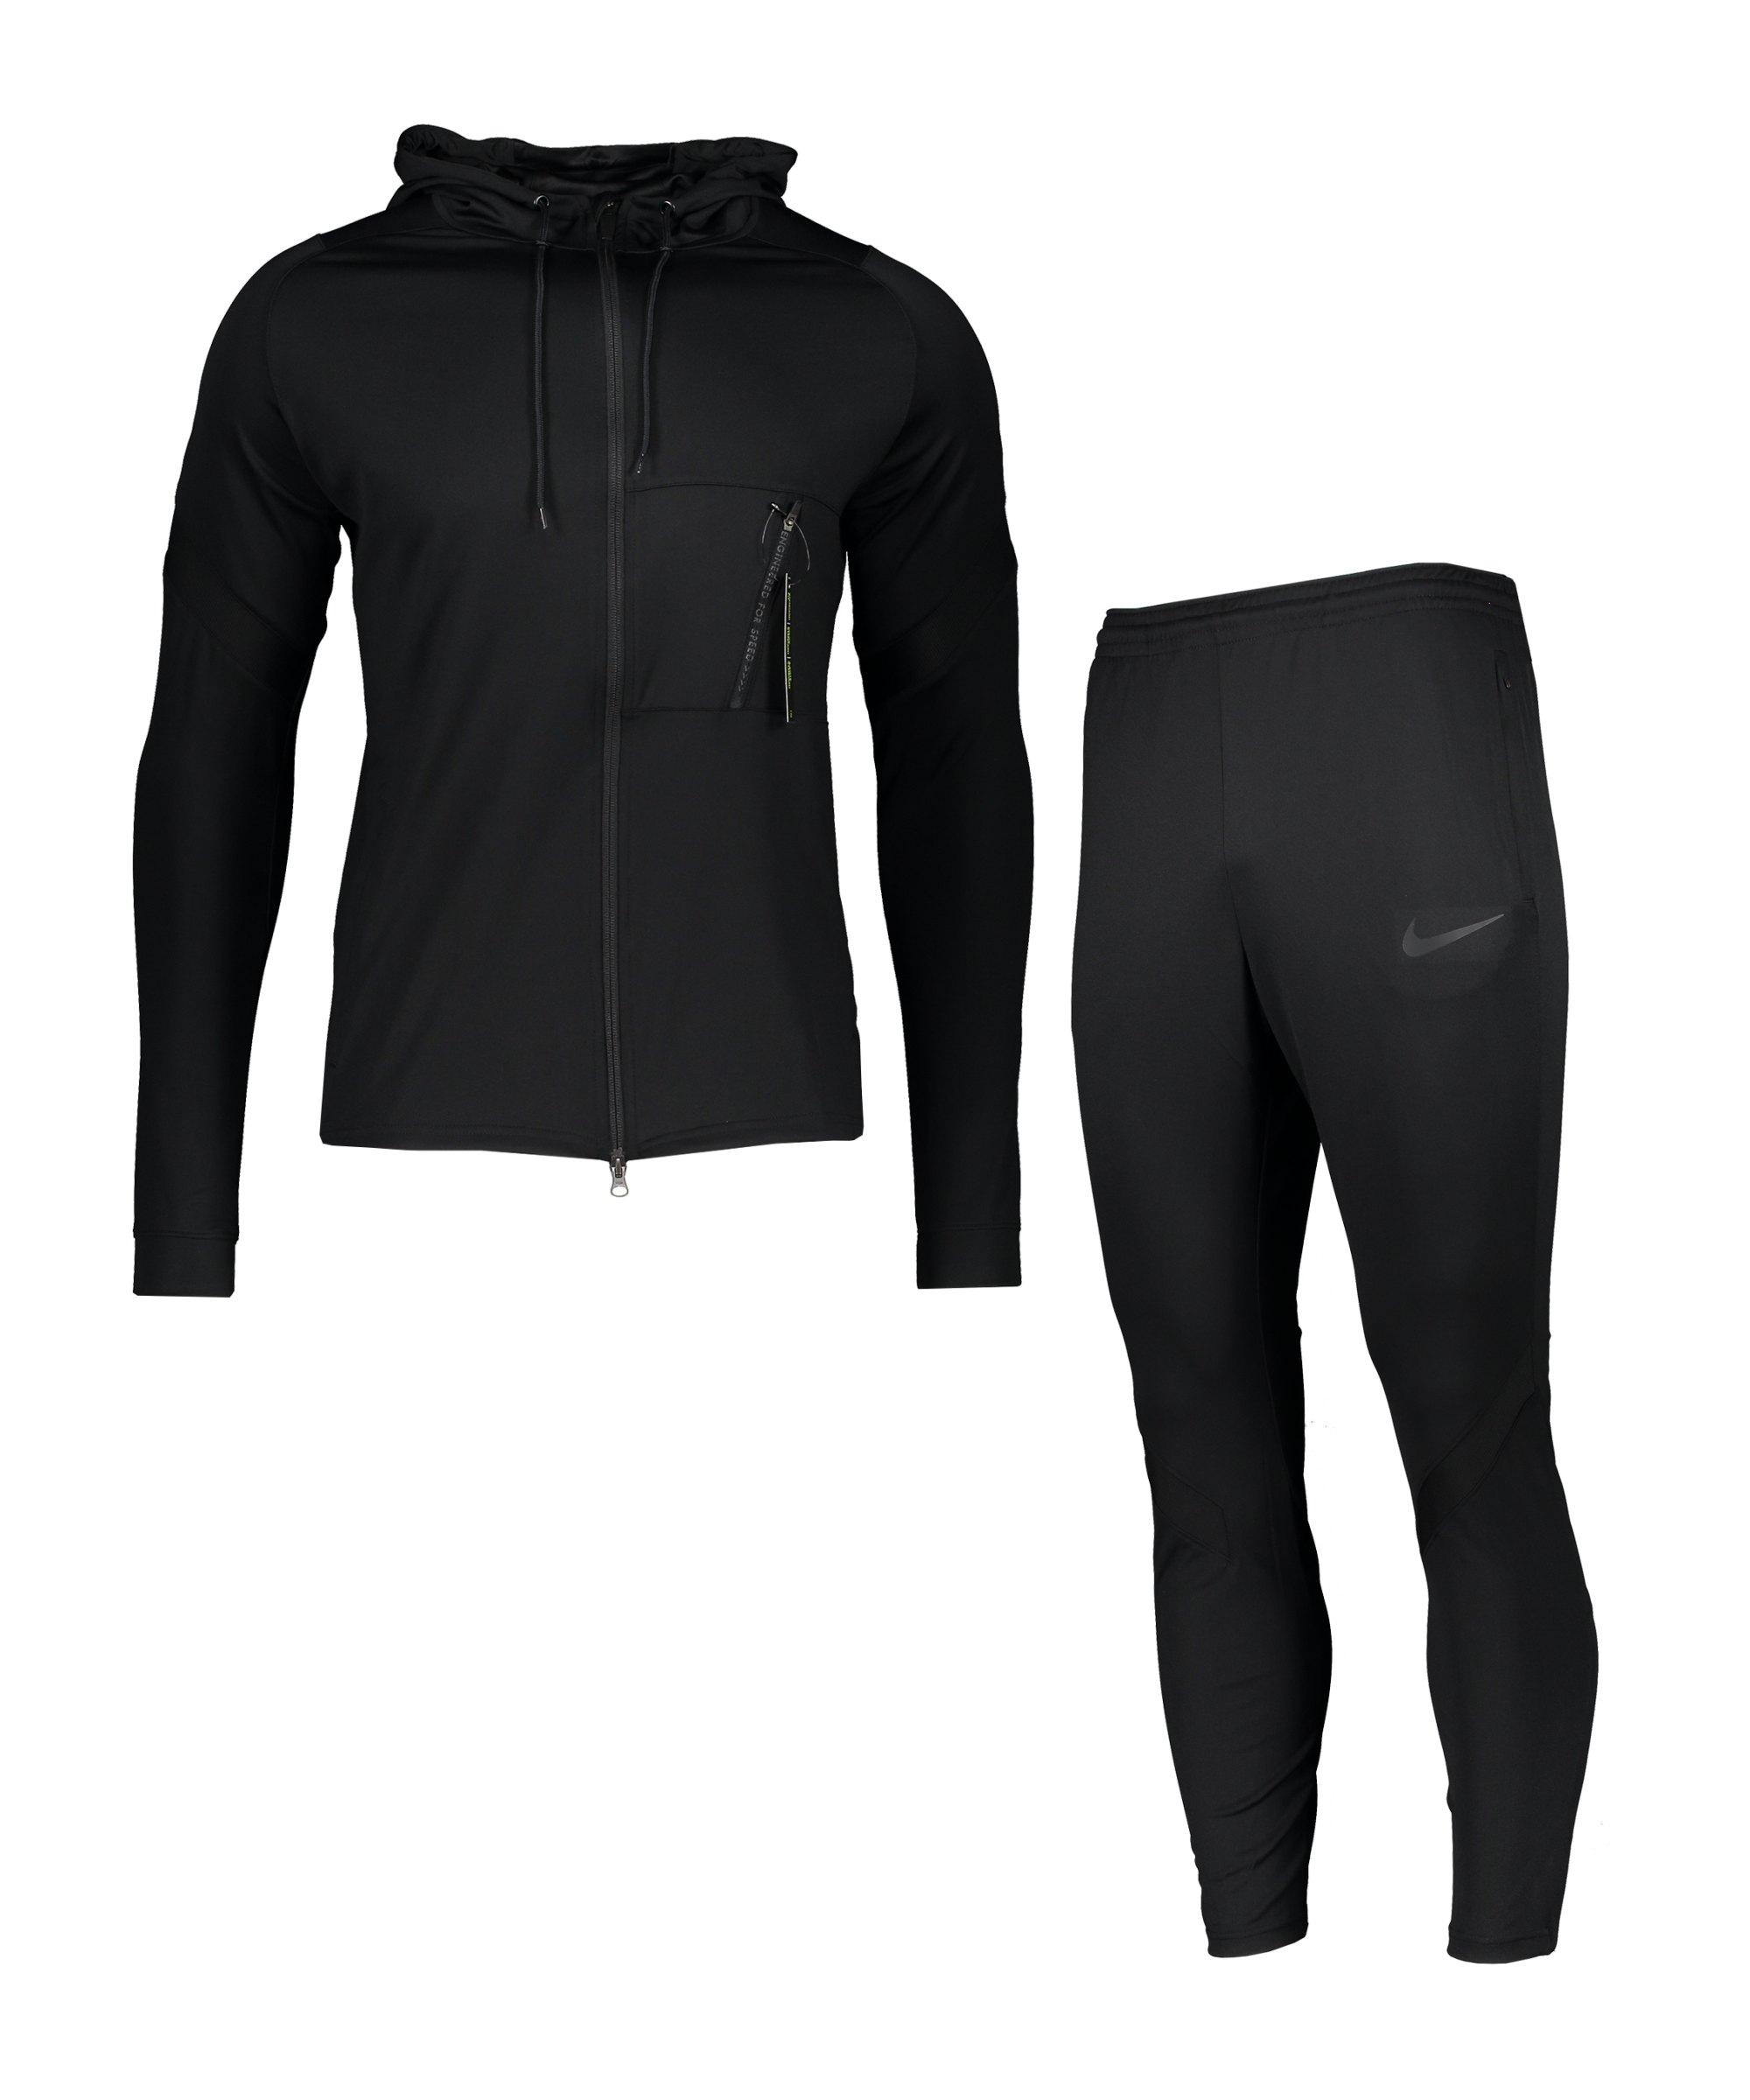 Nike Dry Strike Trainingsanzug Schwarz F011 - schwarz